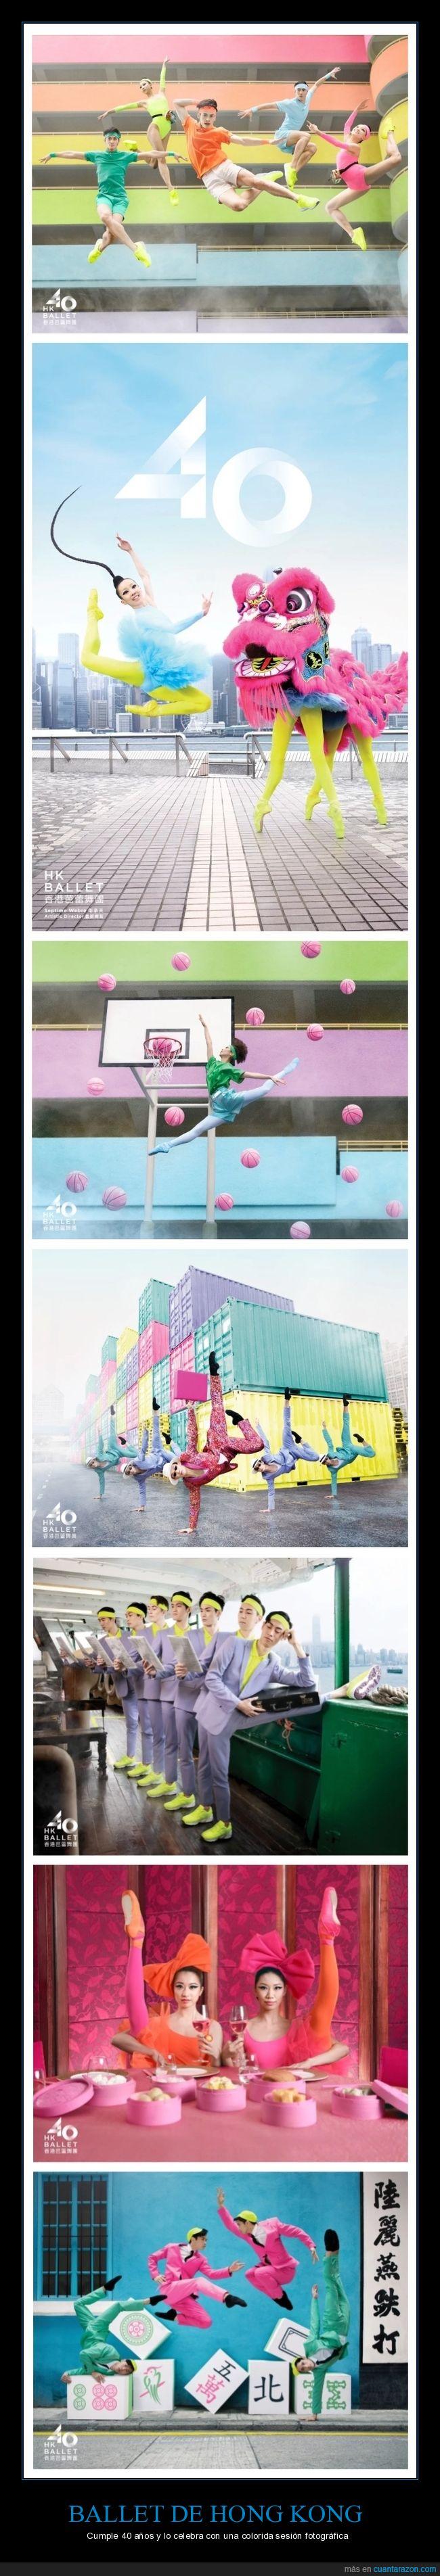 ballet,fotografía,hong kong